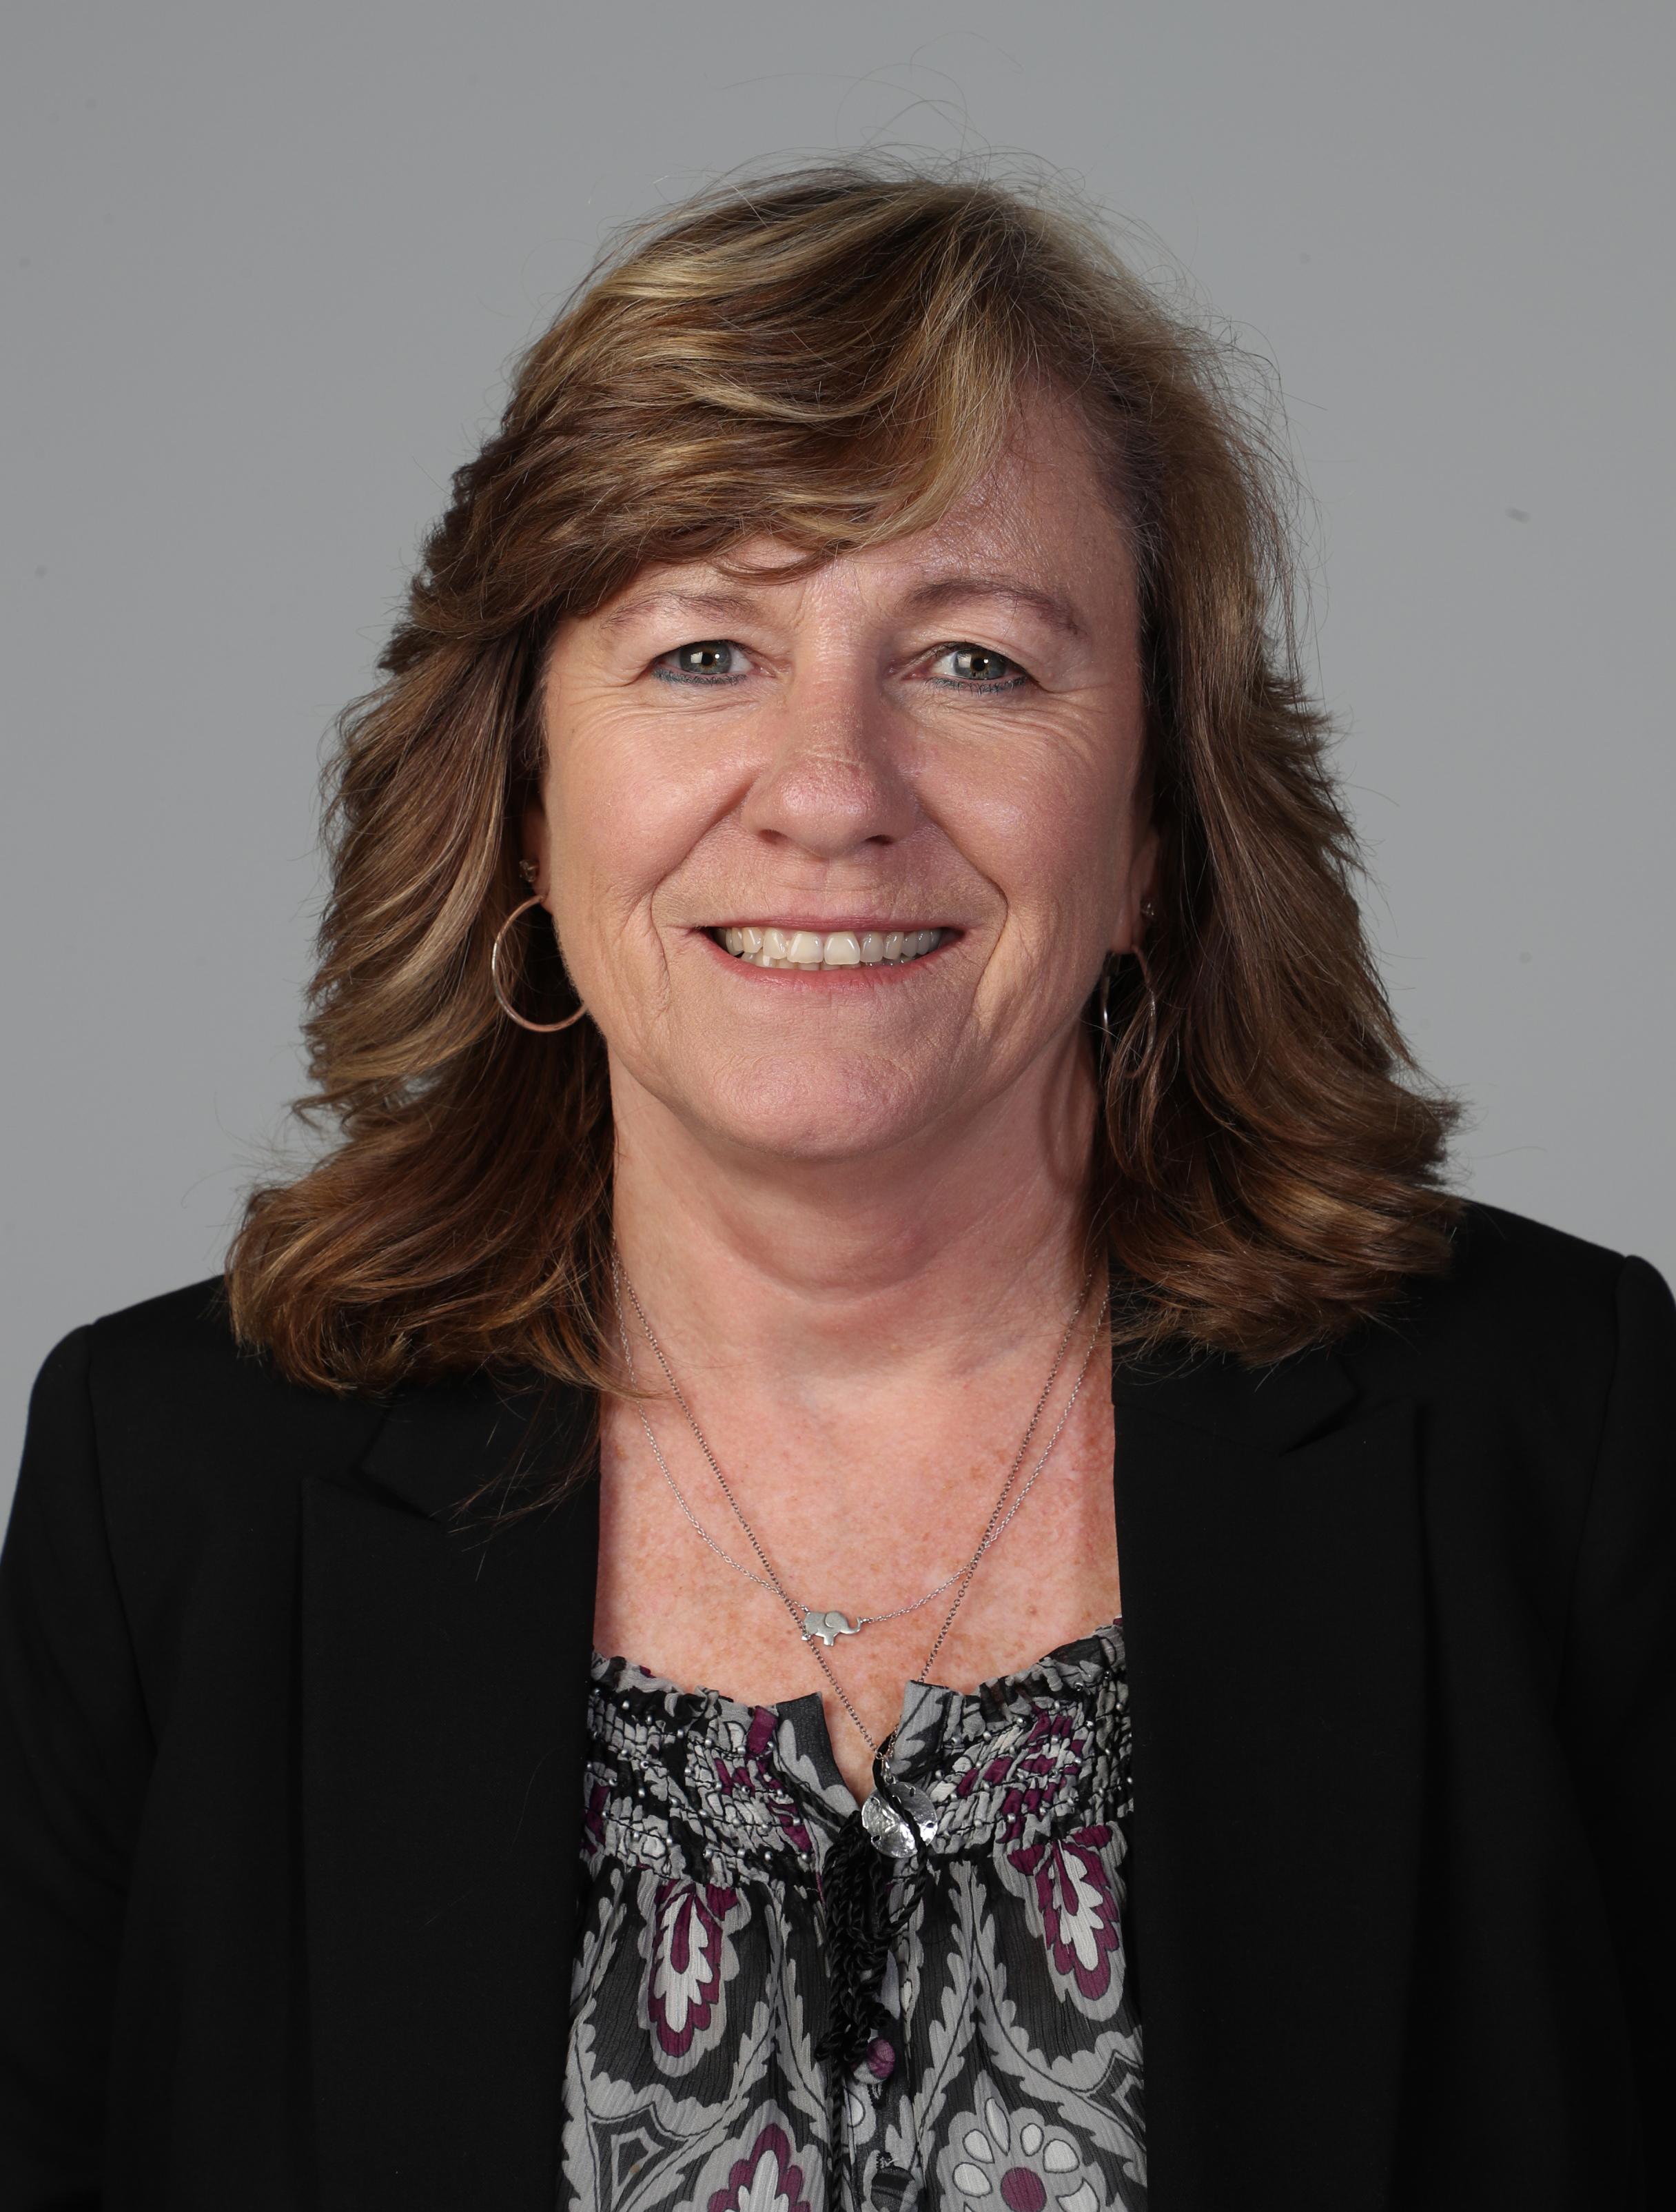 Jayne Tooker